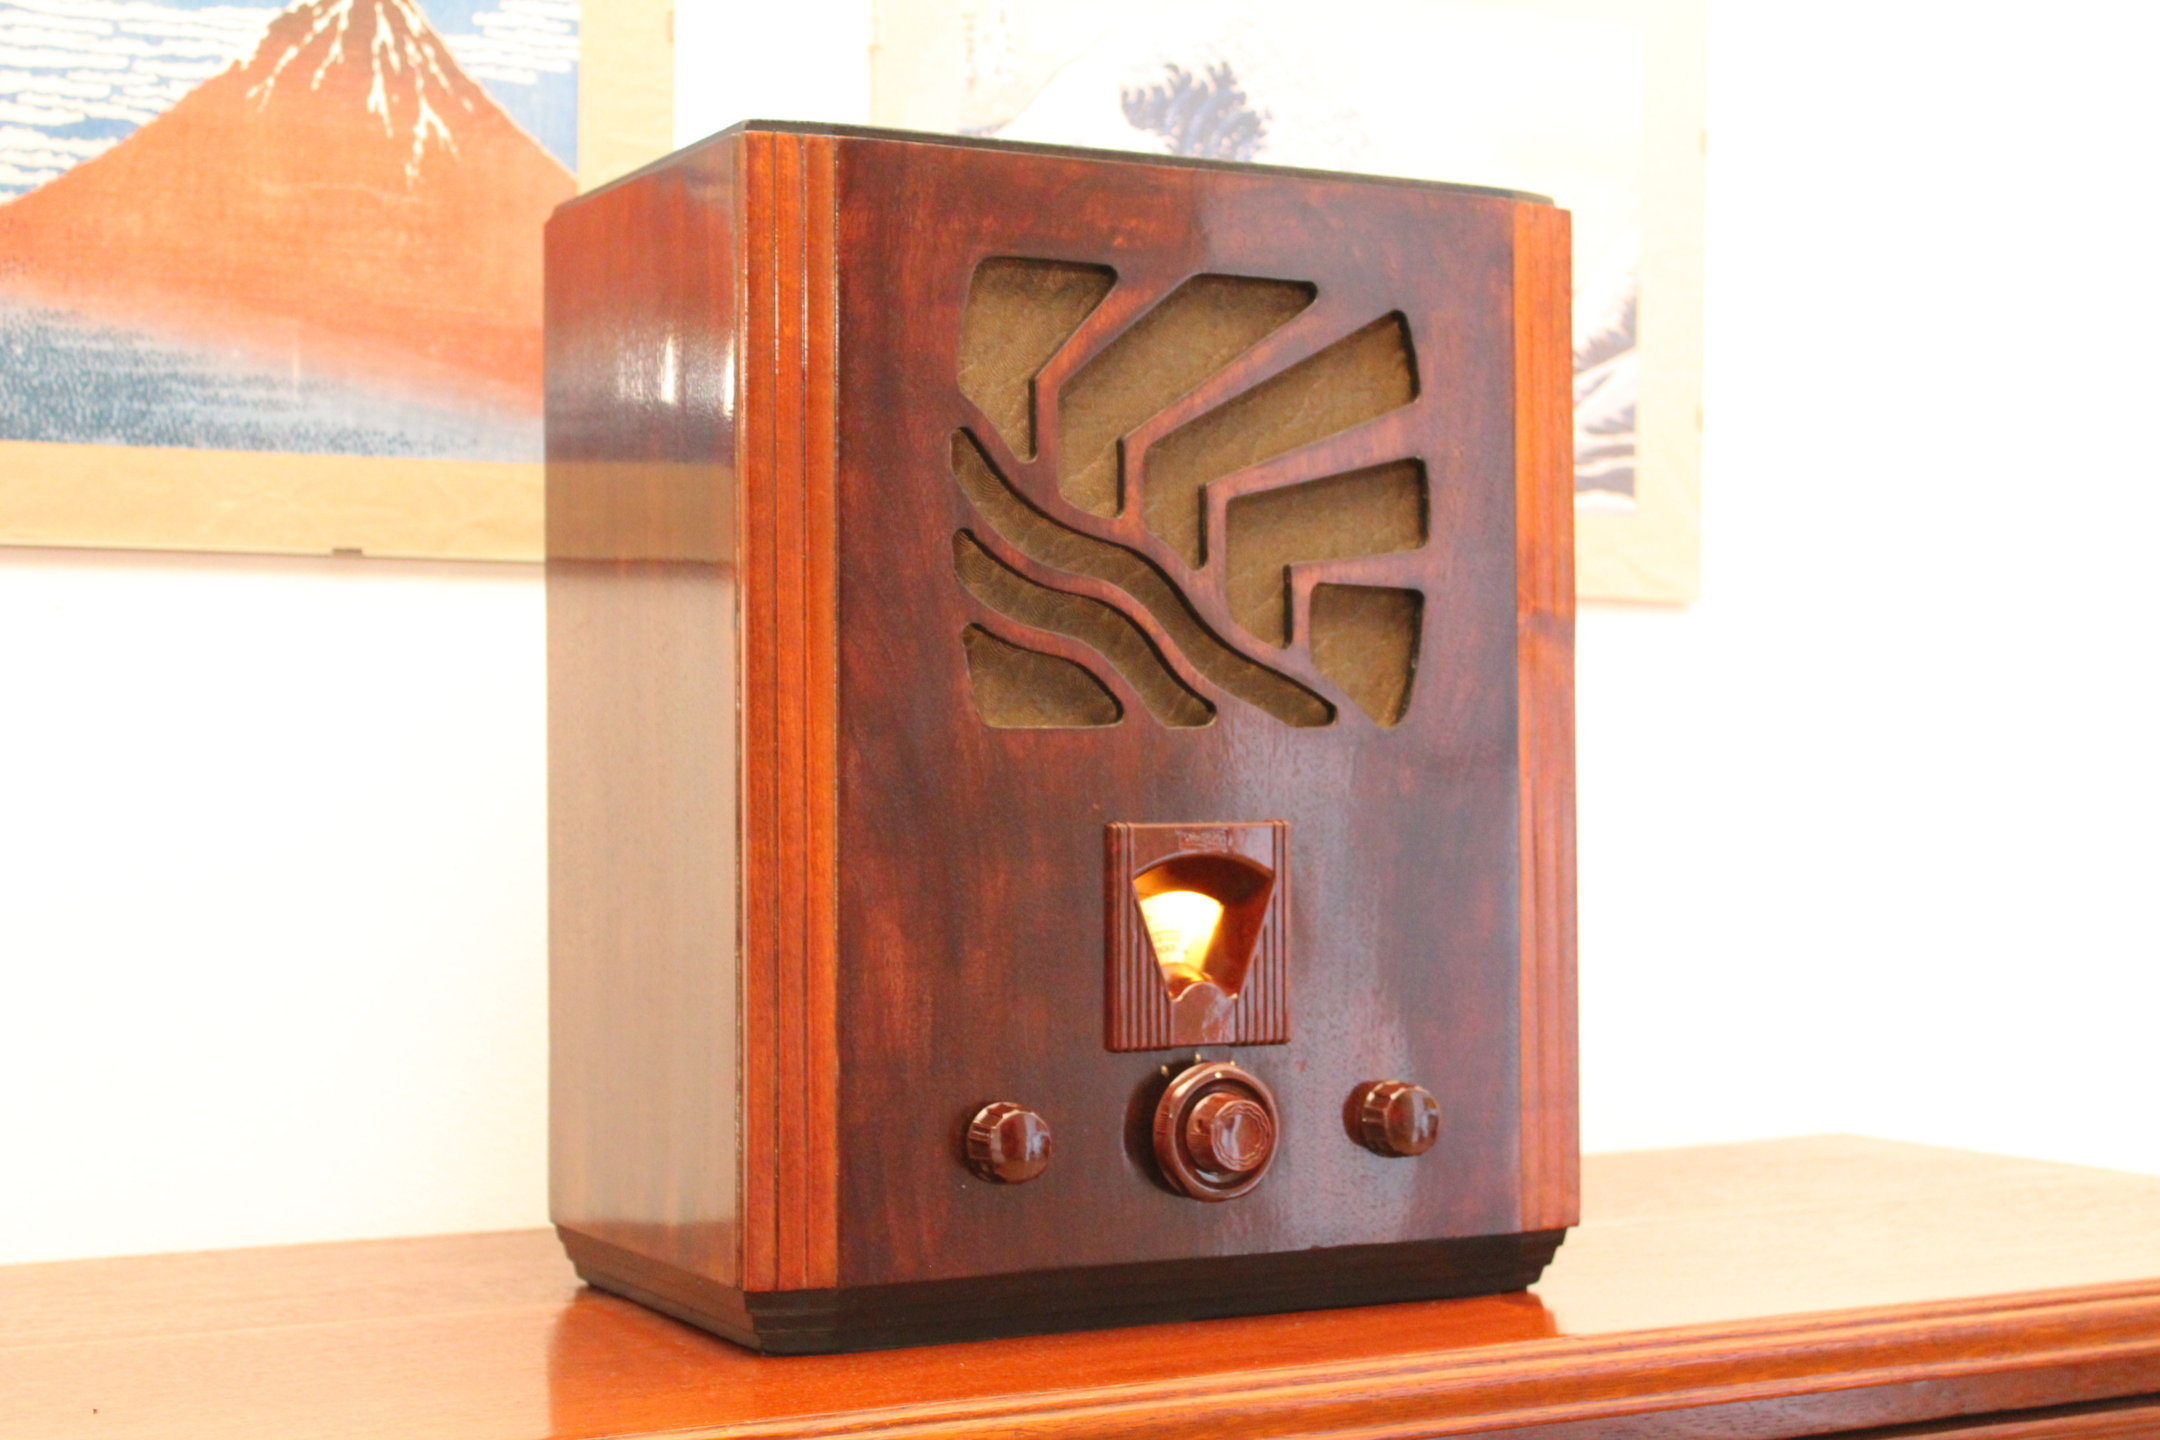 Radiola 562A 01